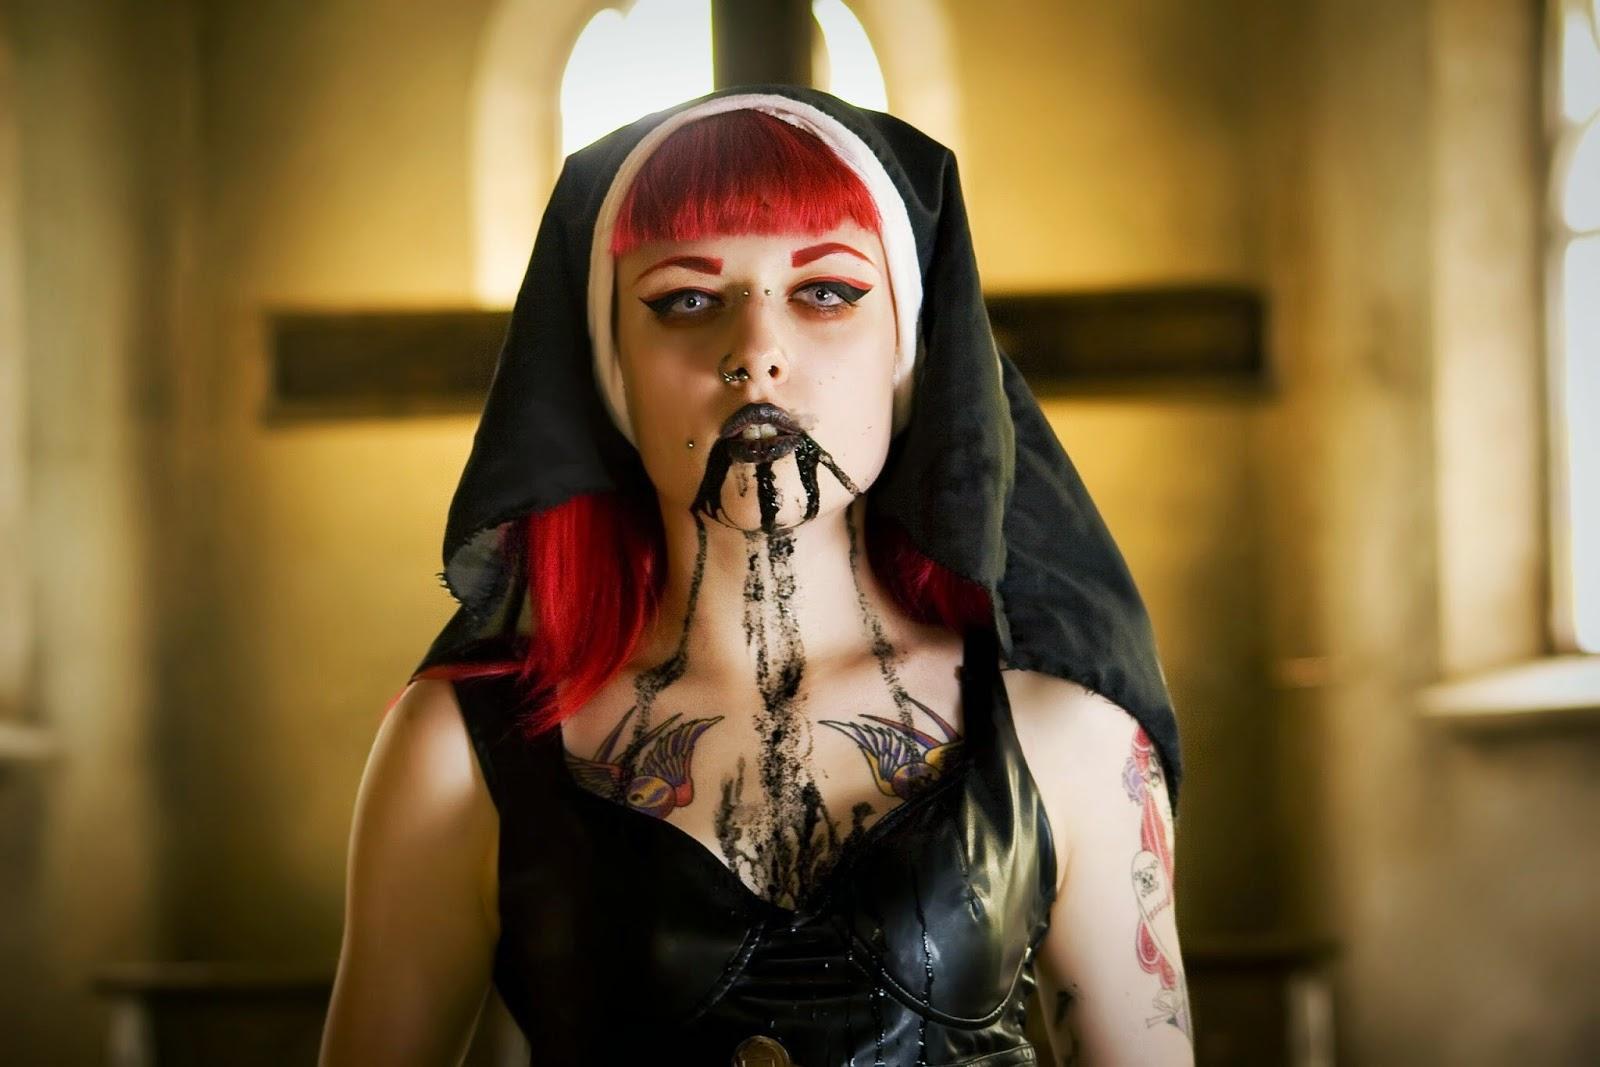 nonne gothique avec du sang noir sur la bouche par Dasha Kond